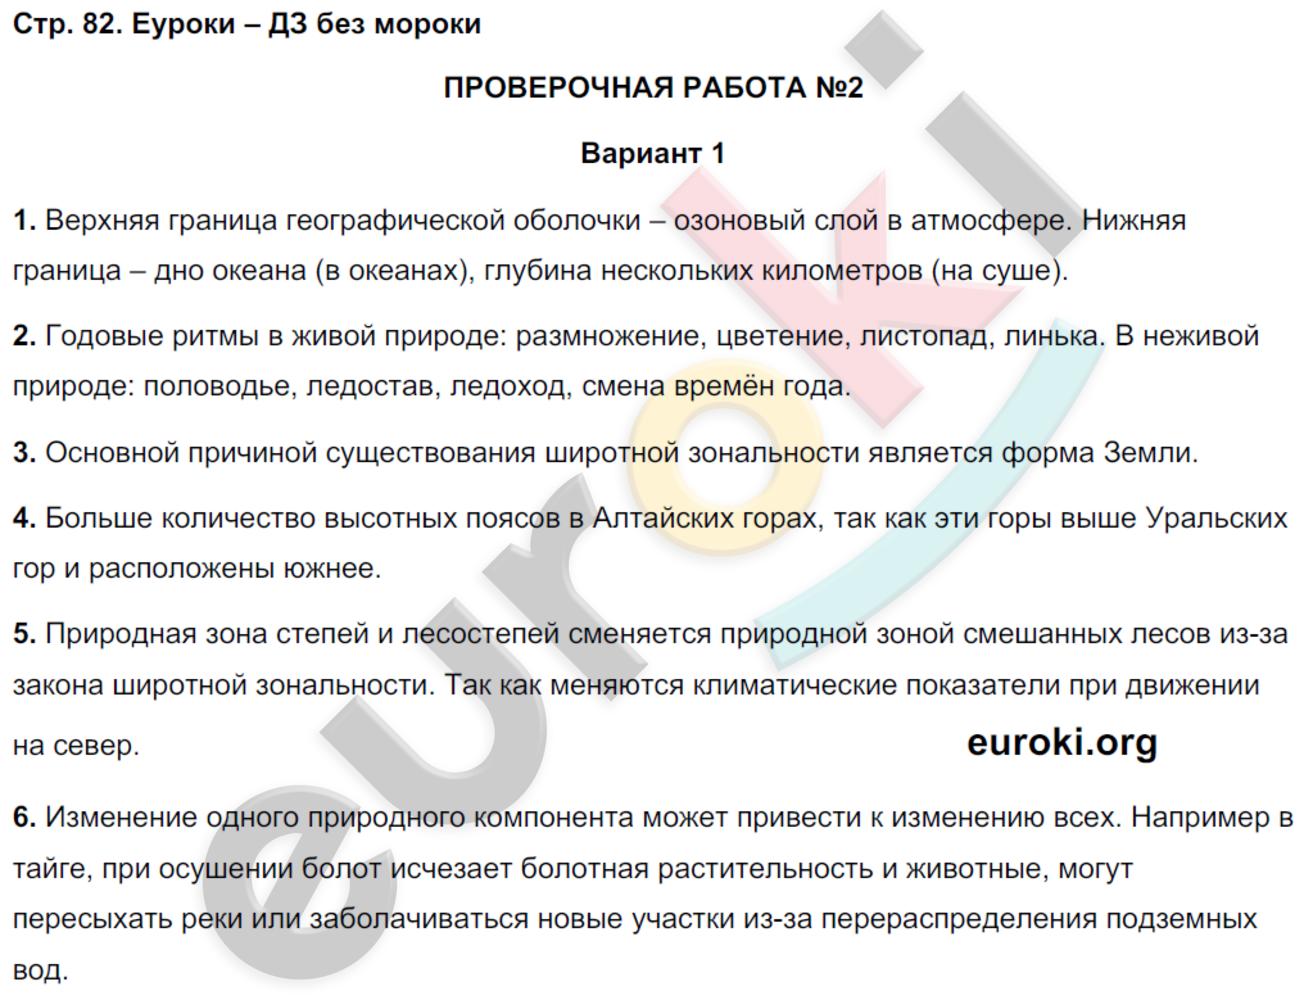 ГДЗ по географии 5 класс тетрадь экзаменатор Барабанов. Задание: стр. 82